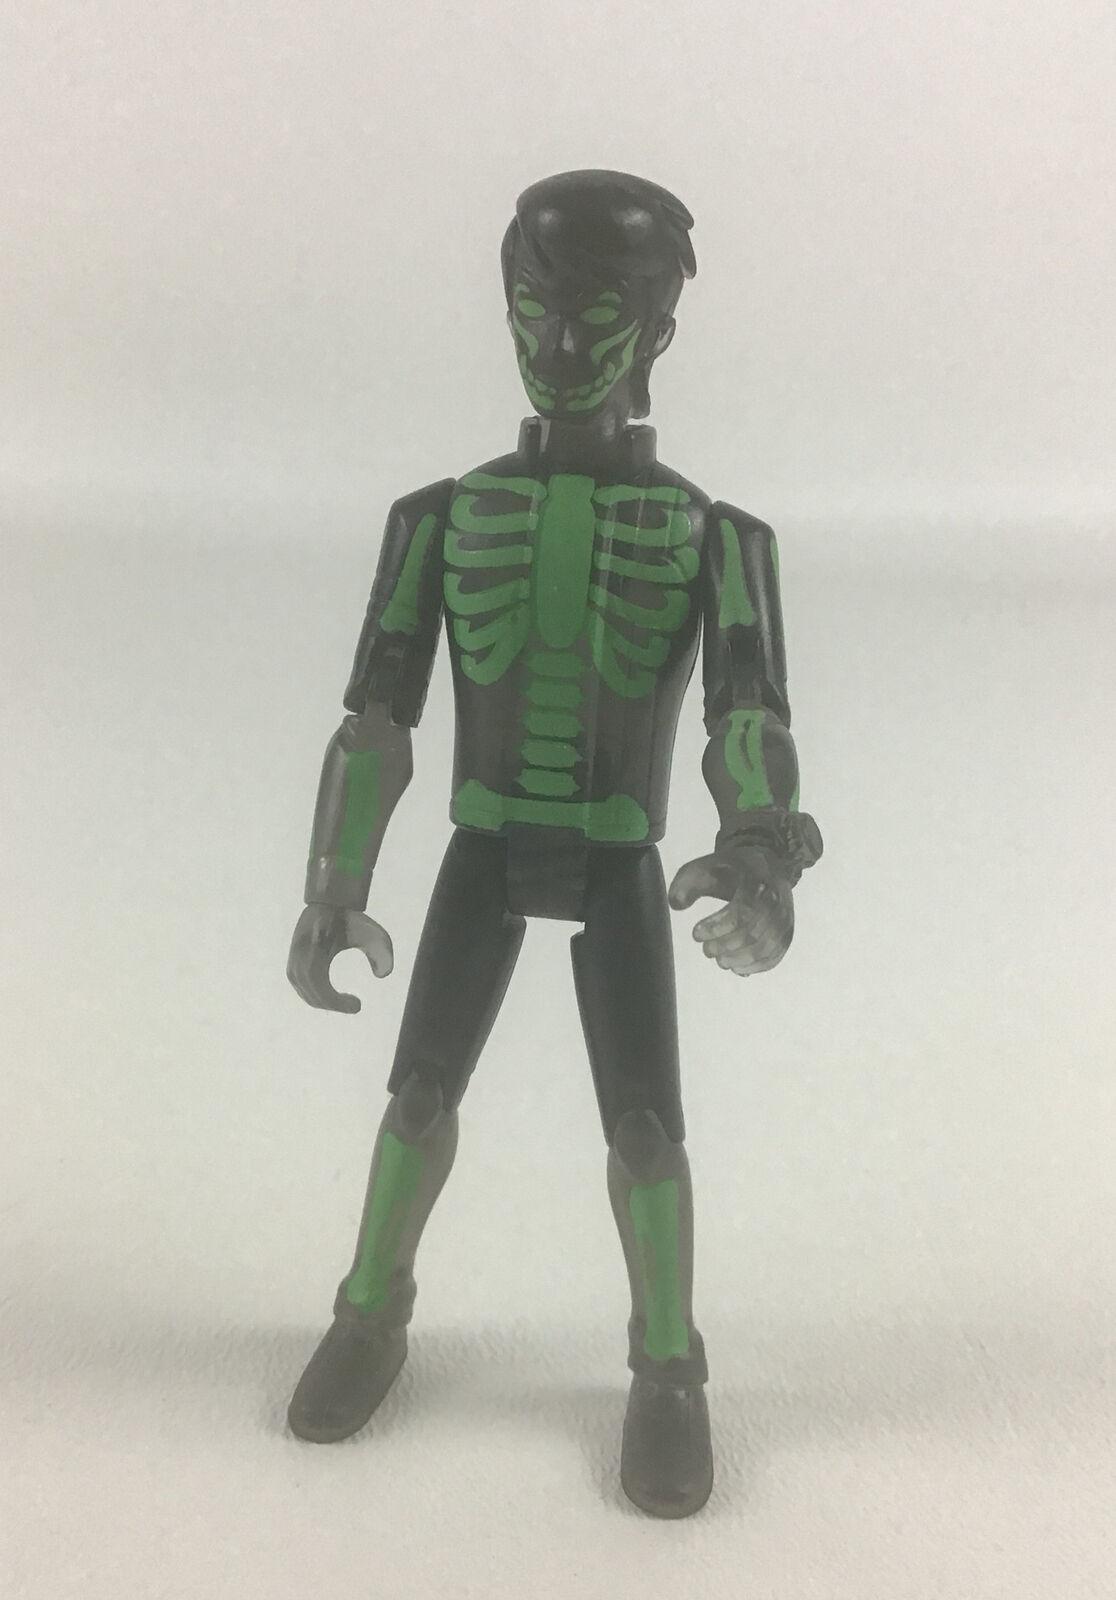 Ben 10 Ultimate Alien Force X-Ray Ben Action Figure Cartoon Network Bandai 2008 - $22.23